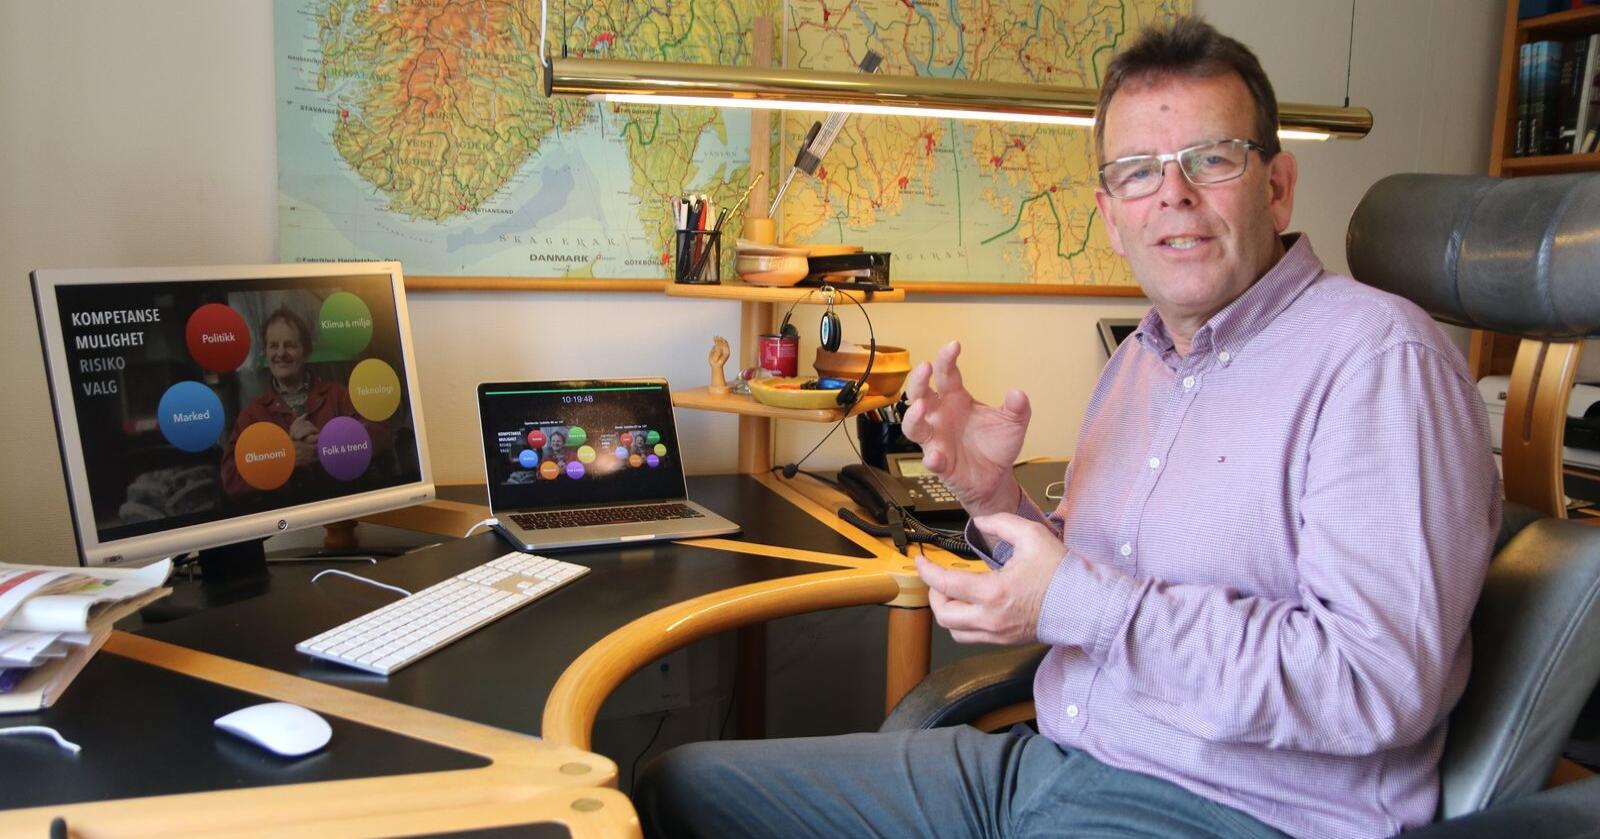 Ole Christen Hallesby driver Hallesby rådgivning i Tønsberg . Foto: Øystein Heggdal